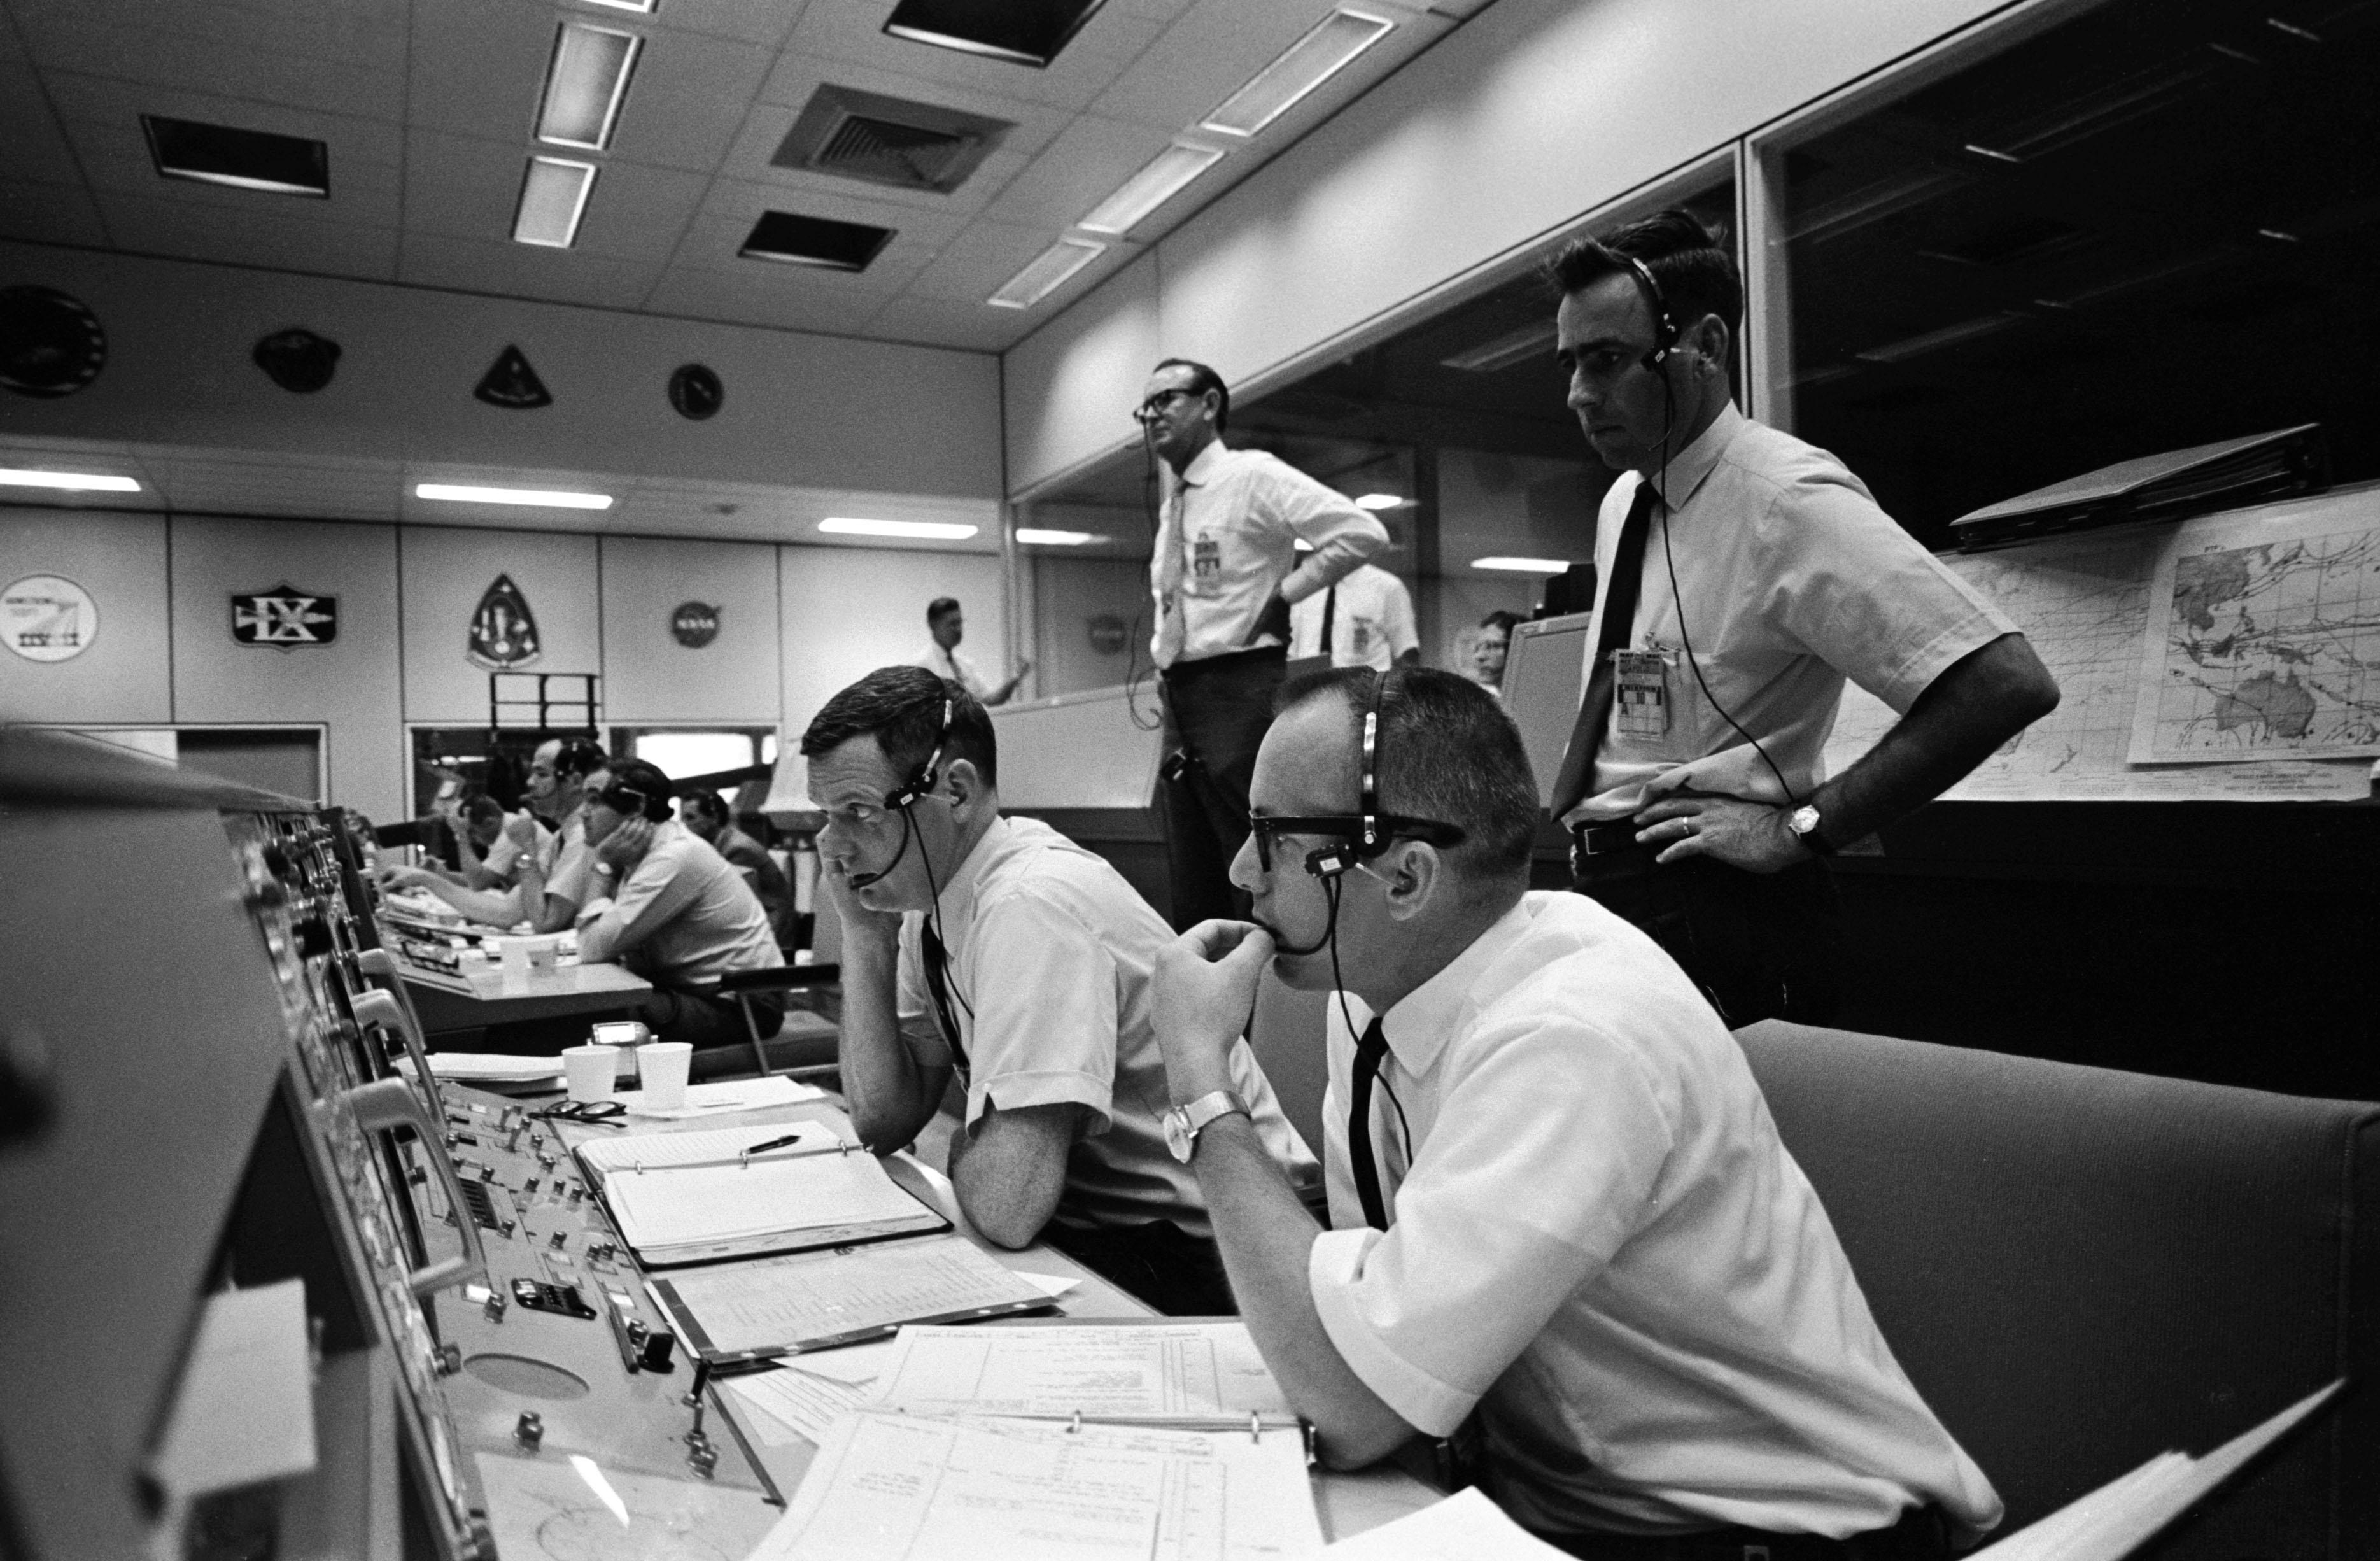 apollo 13 nasa mission control - photo #16